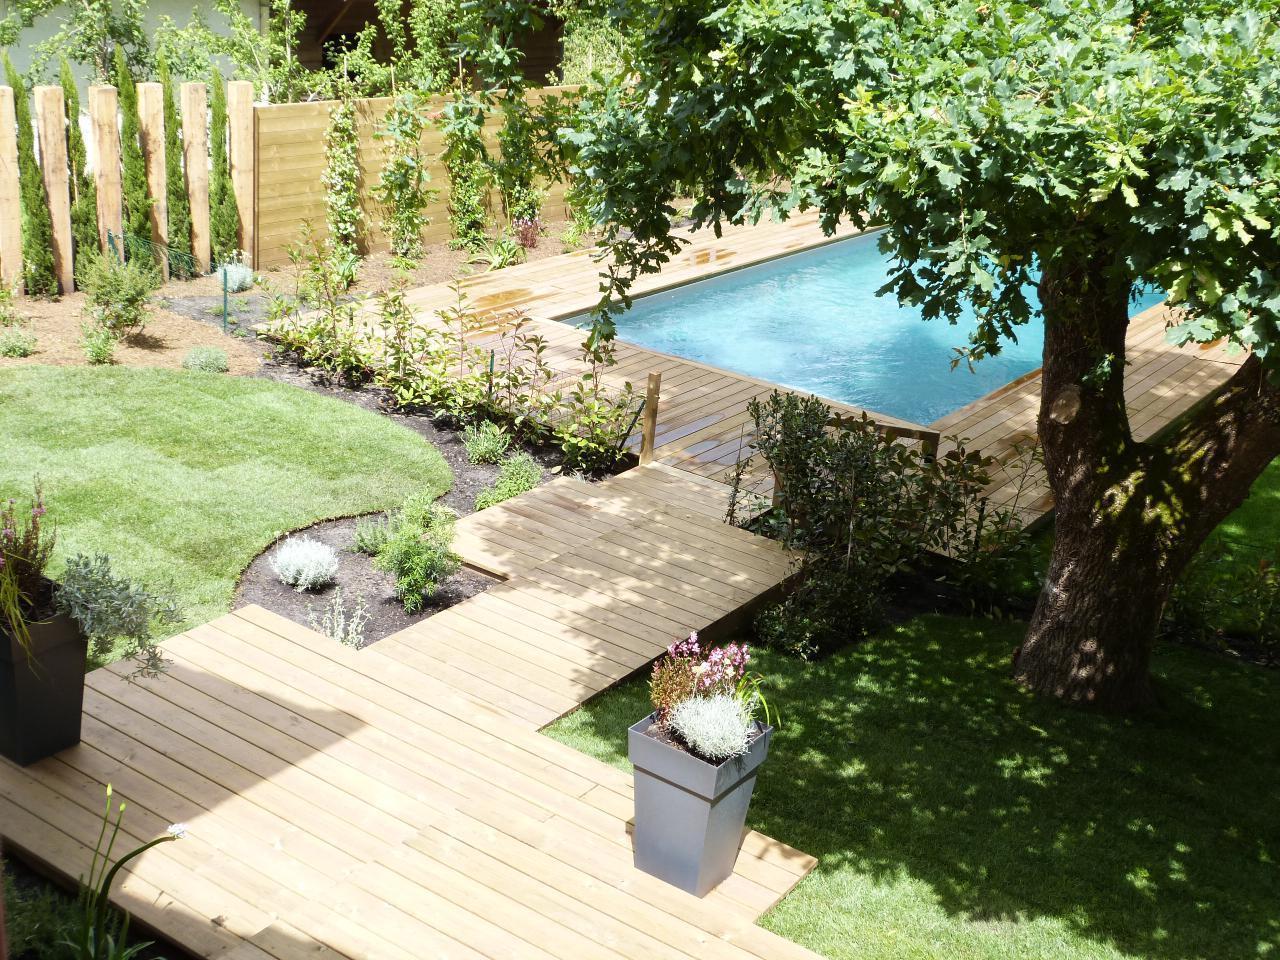 Maison de vacances Exklusives Landhaus mit Top-Küche, beheizter Pool, Naturgarten, unweit von St. Emilion, Bo (1040506), Martillac, Gironde, Aquitaine, France, image 33